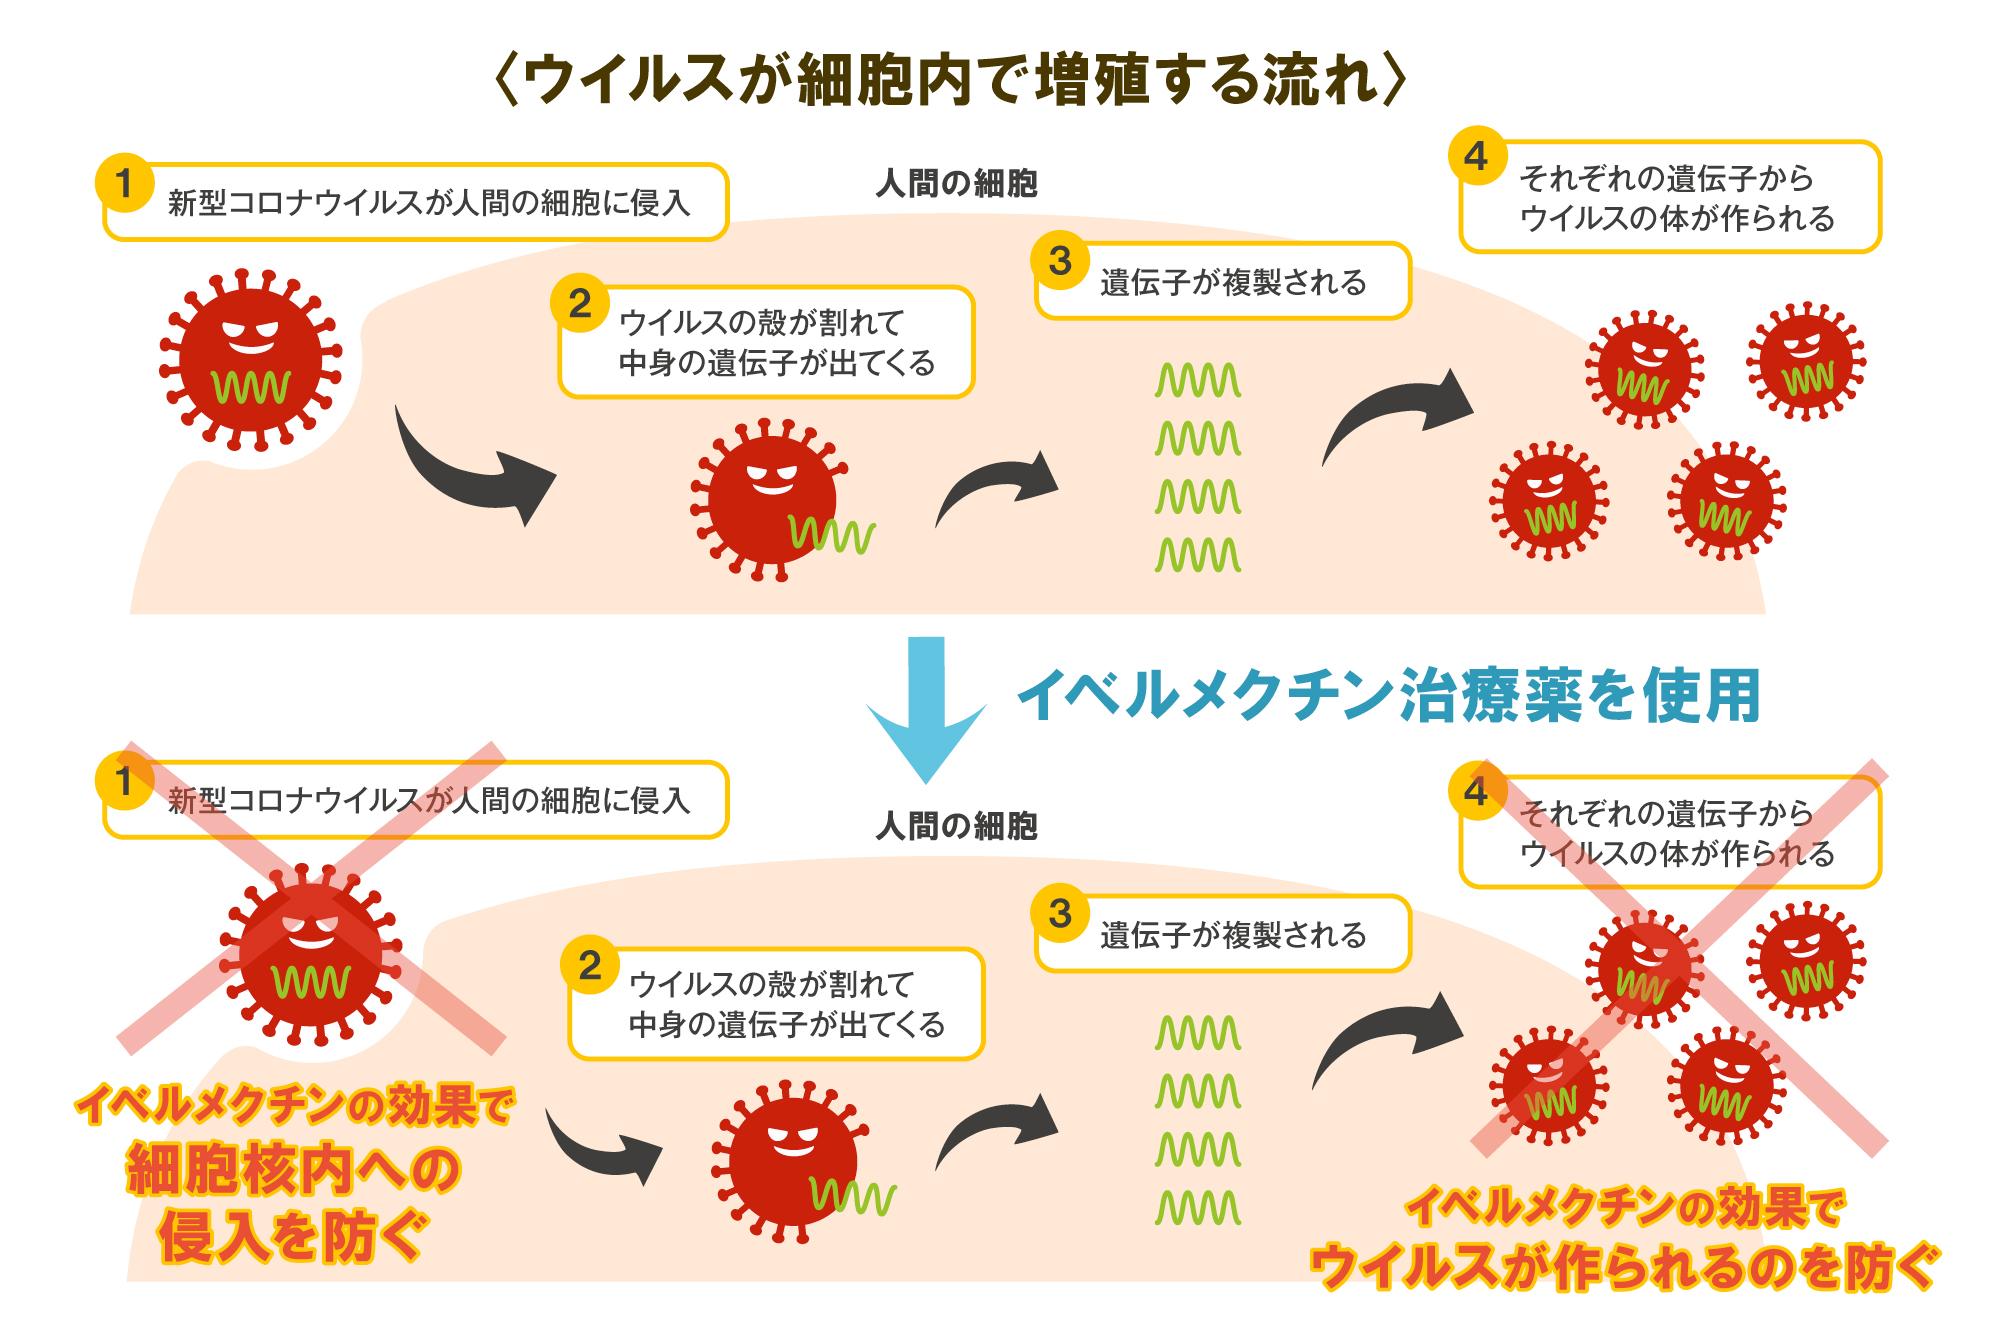 臨床 イベルメクチン コロナ